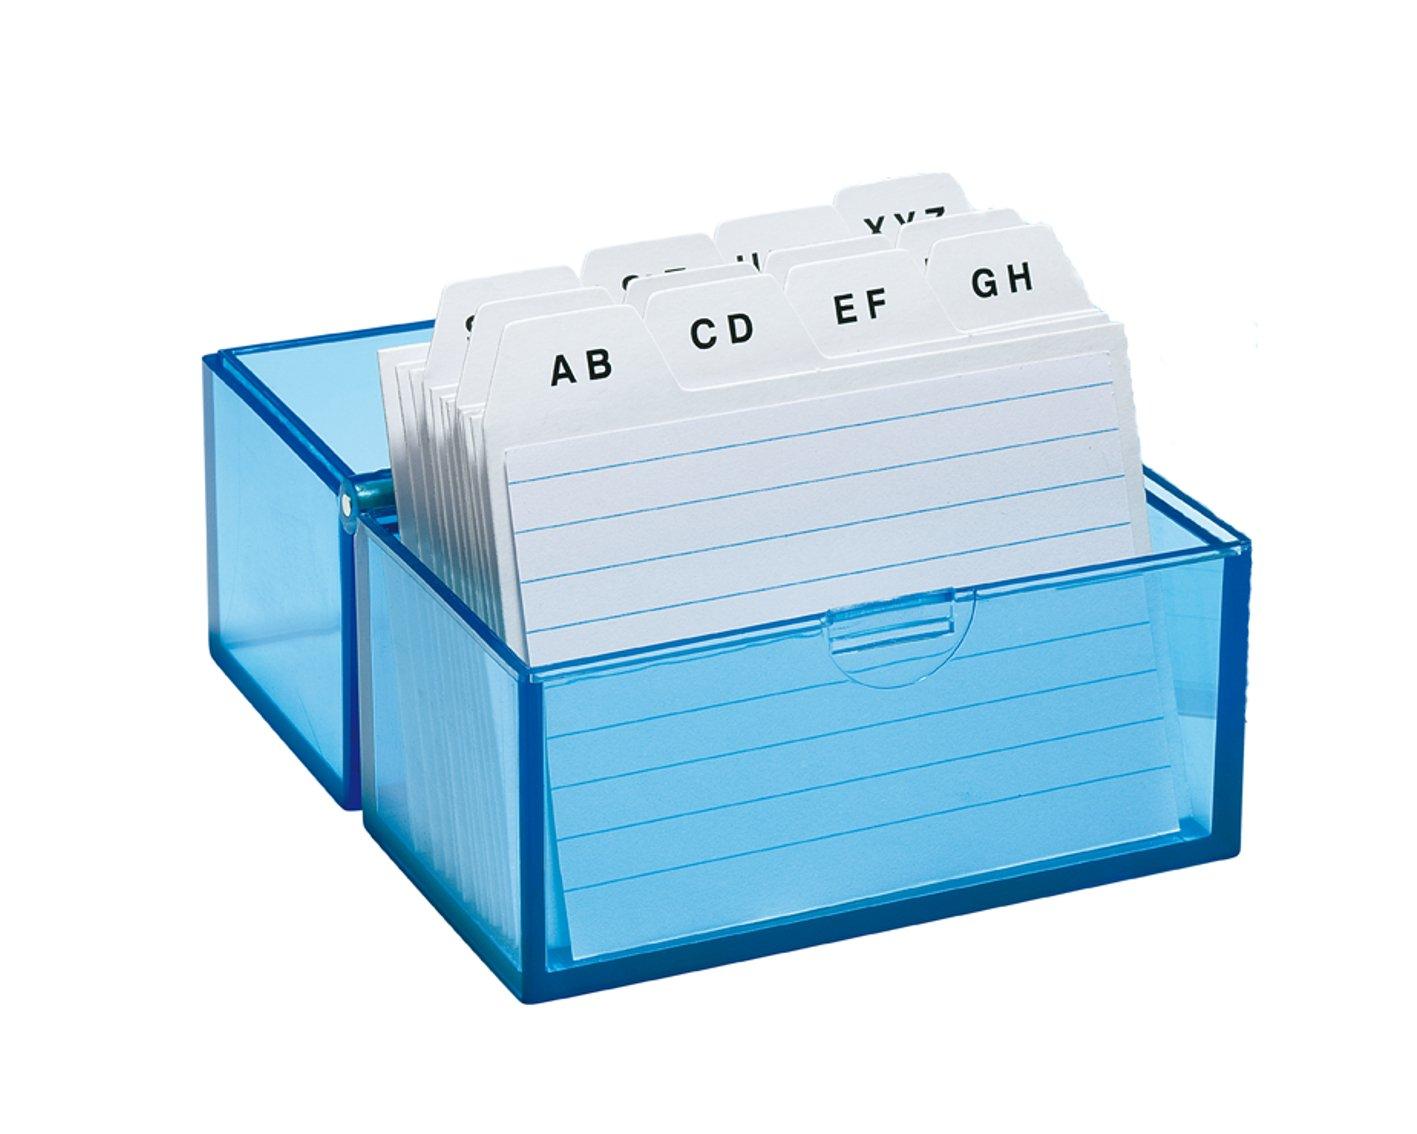 Wedo 2508303 Scatola per archivio in formato A8, con 100 schede, in plastica, 150 pagine, colore: bianco/a/transparentblau Werner Dorsch GmbH